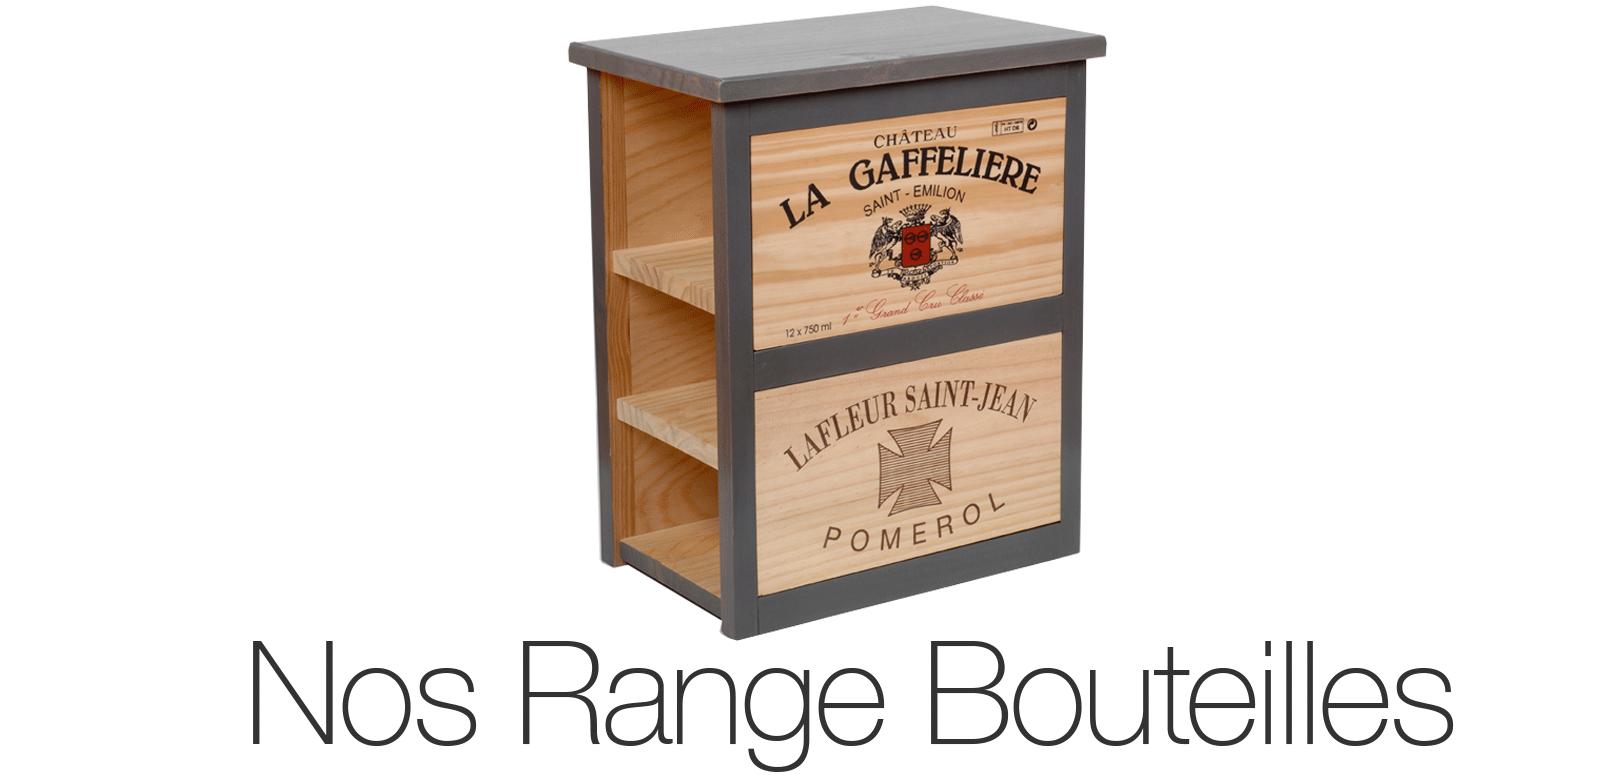 Vous trouverez dans cette categorie les differents models de range bouteille de cavideco differentes taille et differentes capacité de rangement et stockage de bouteille